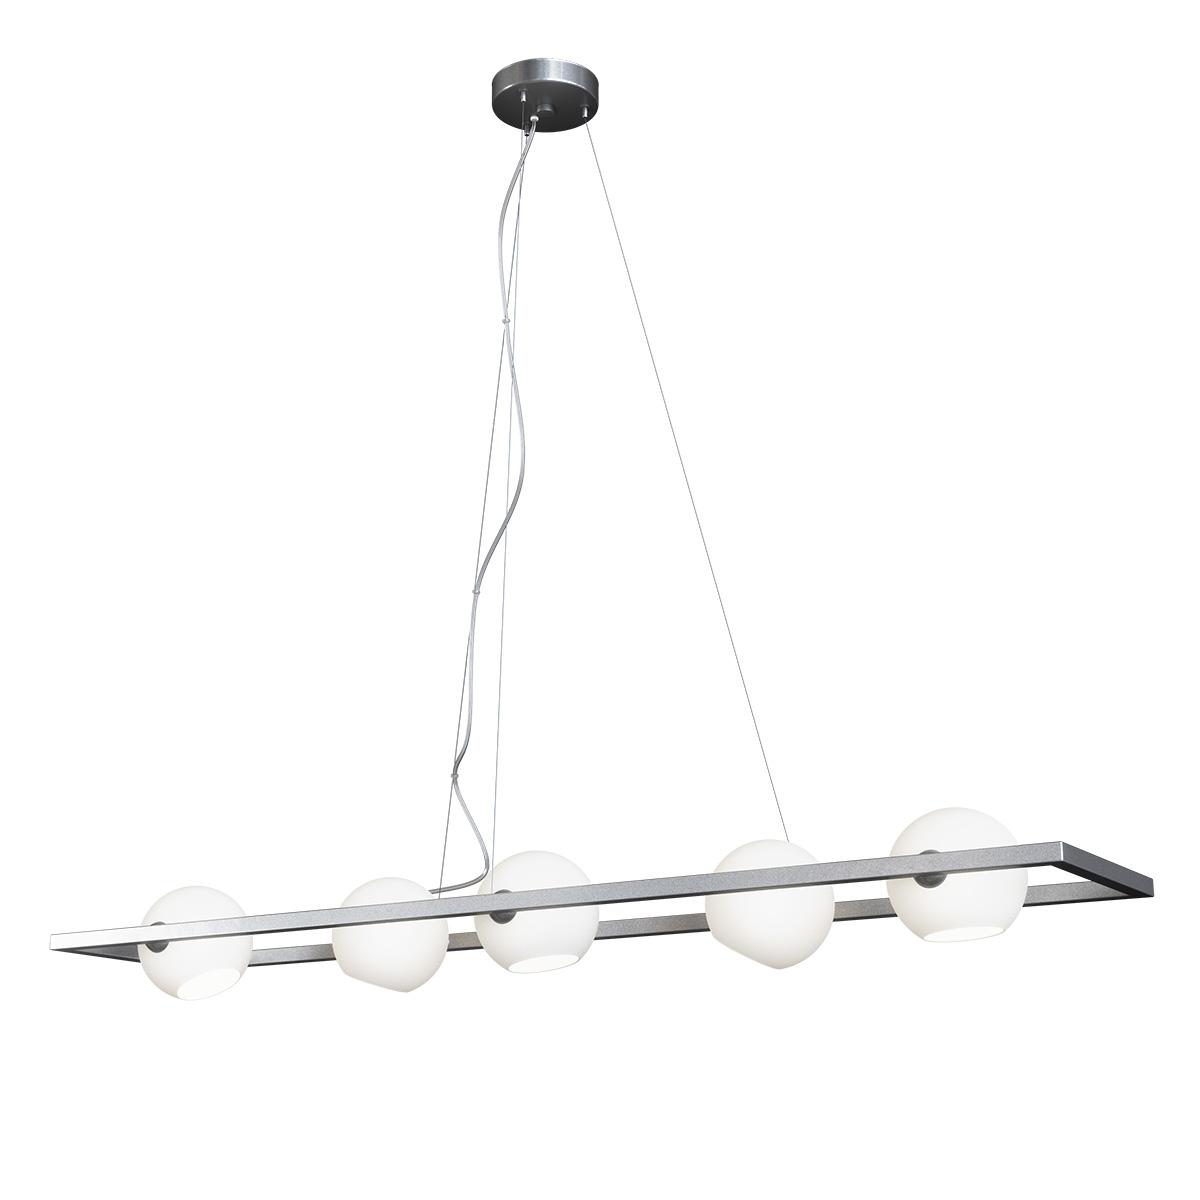 Μοντέρνο φωτιστικό με πλαίσιο | ΜΠΑΛΕΣ framed lighting fixture